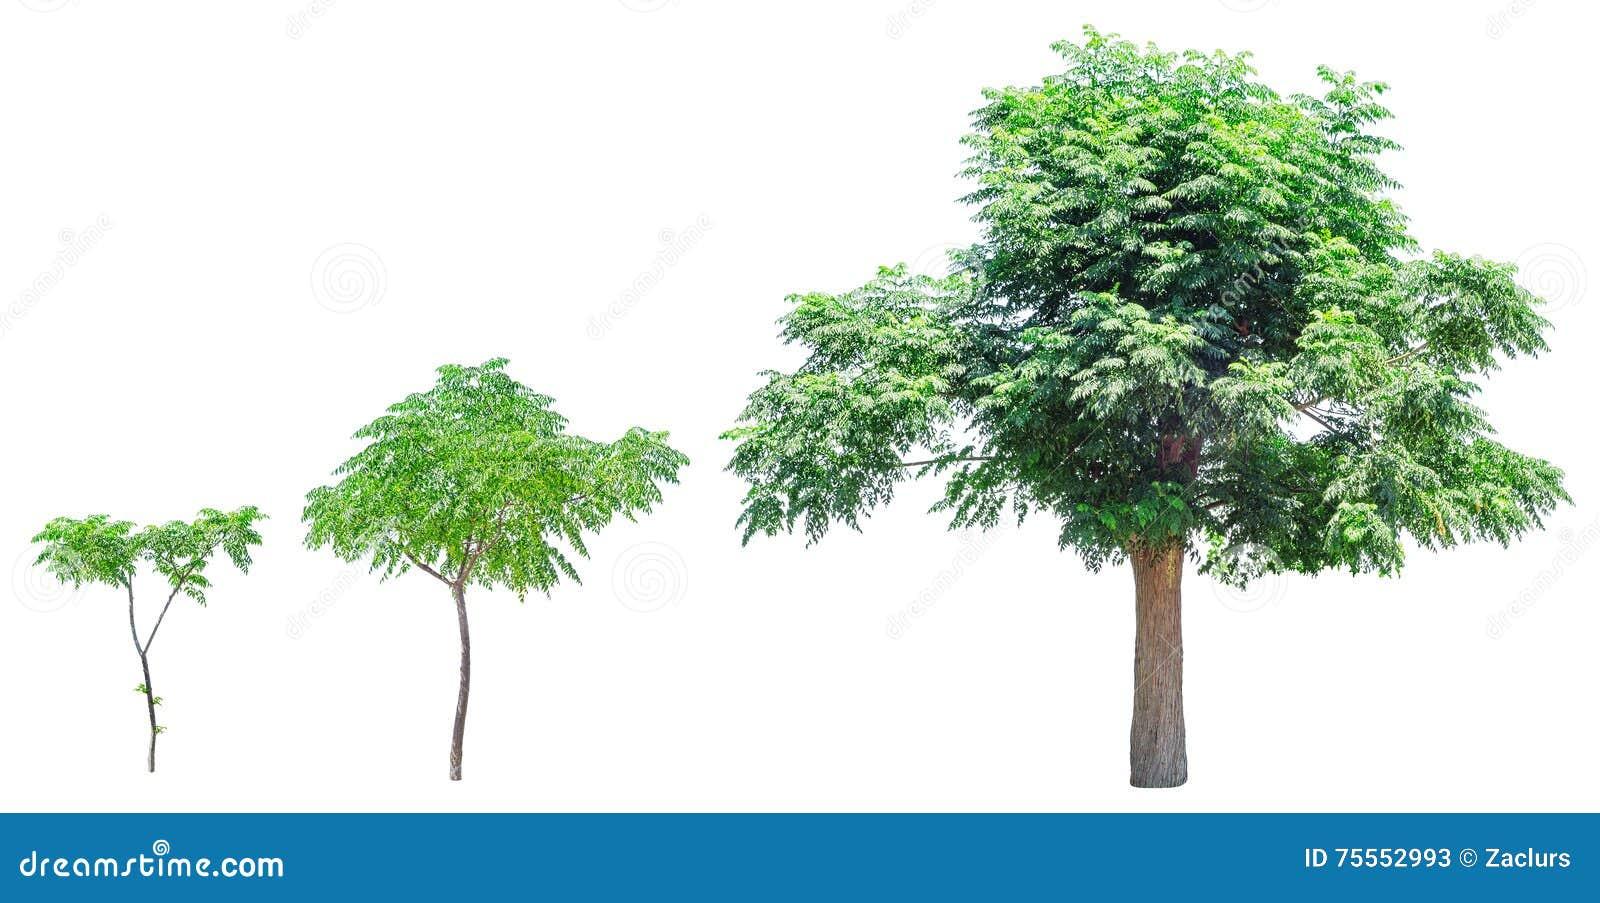 Etapas del crecimiento del árbol